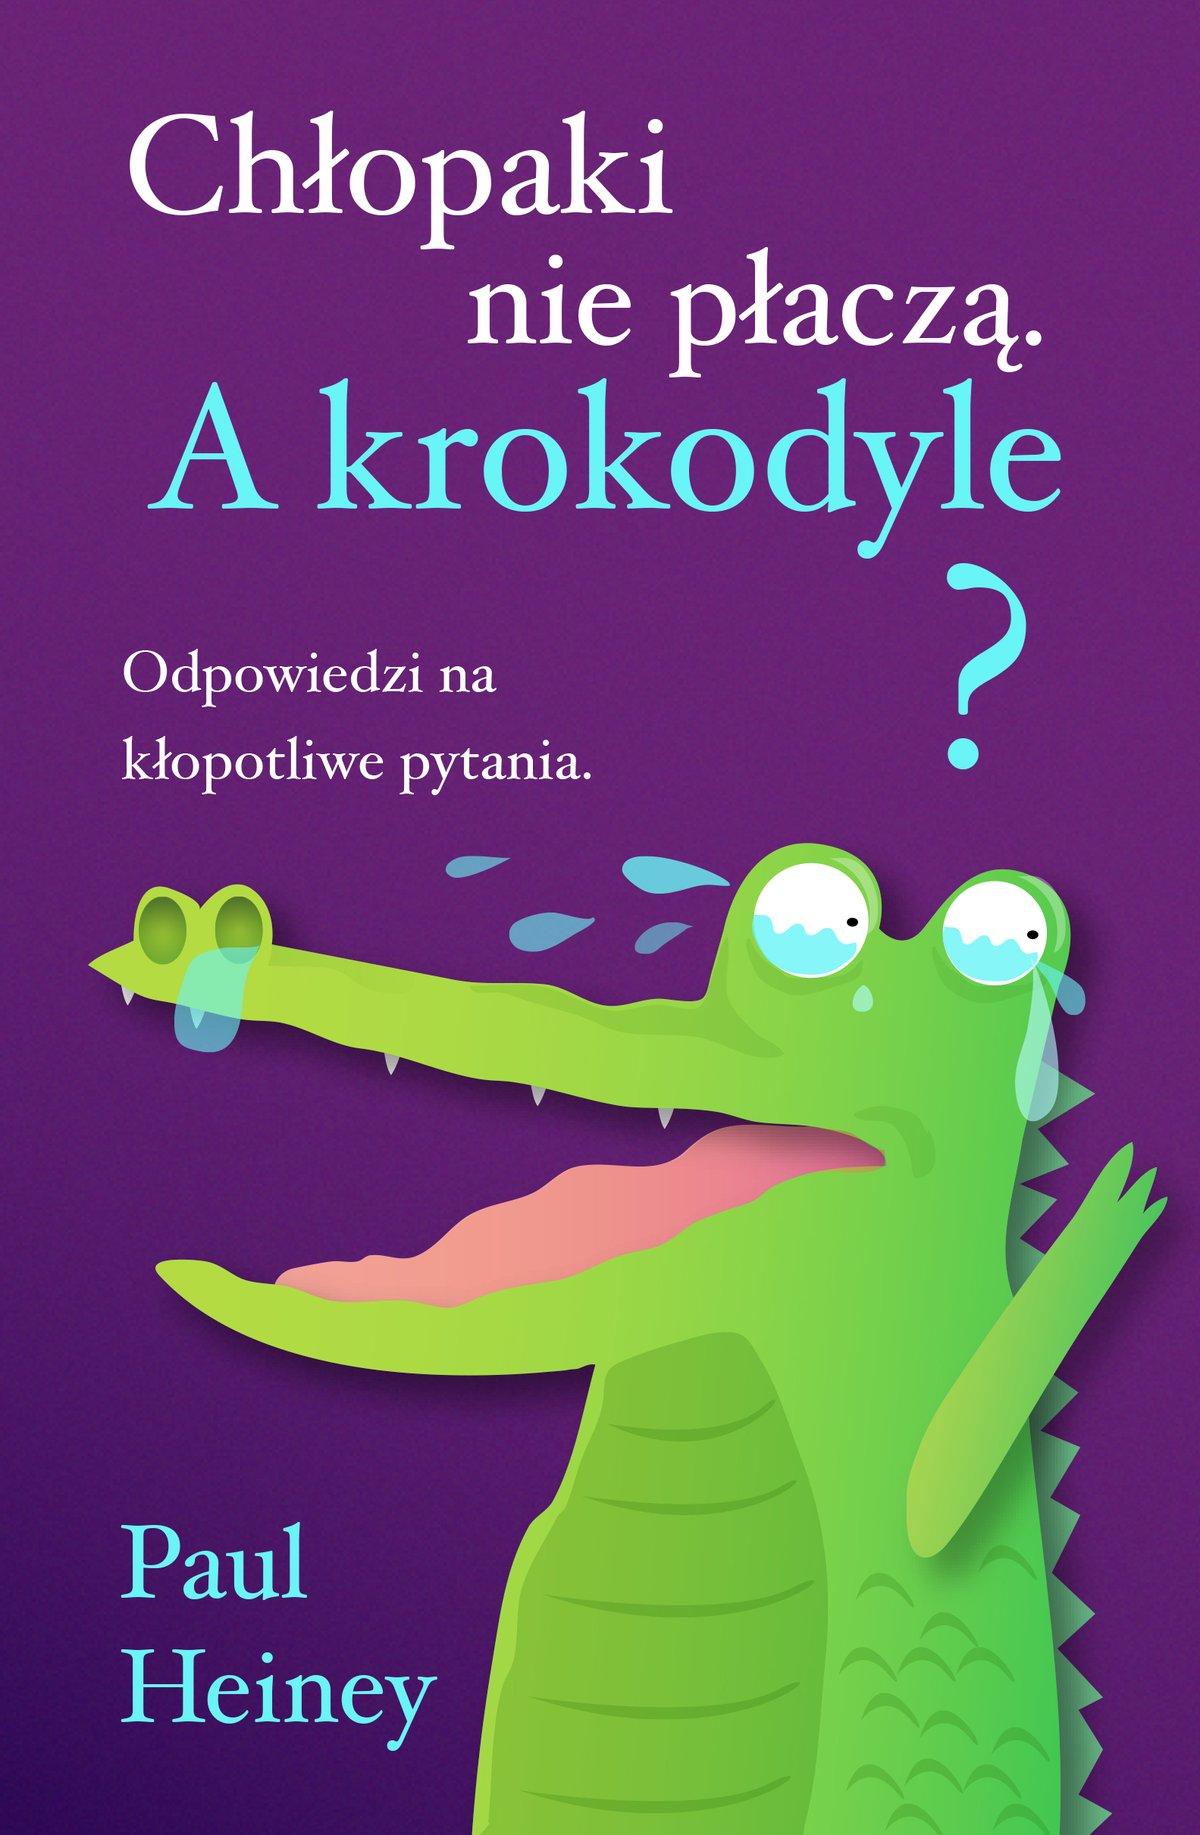 Chłopaki nie płaczą. A krokodyle? - Ebook (Książka na Kindle) do pobrania w formacie MOBI